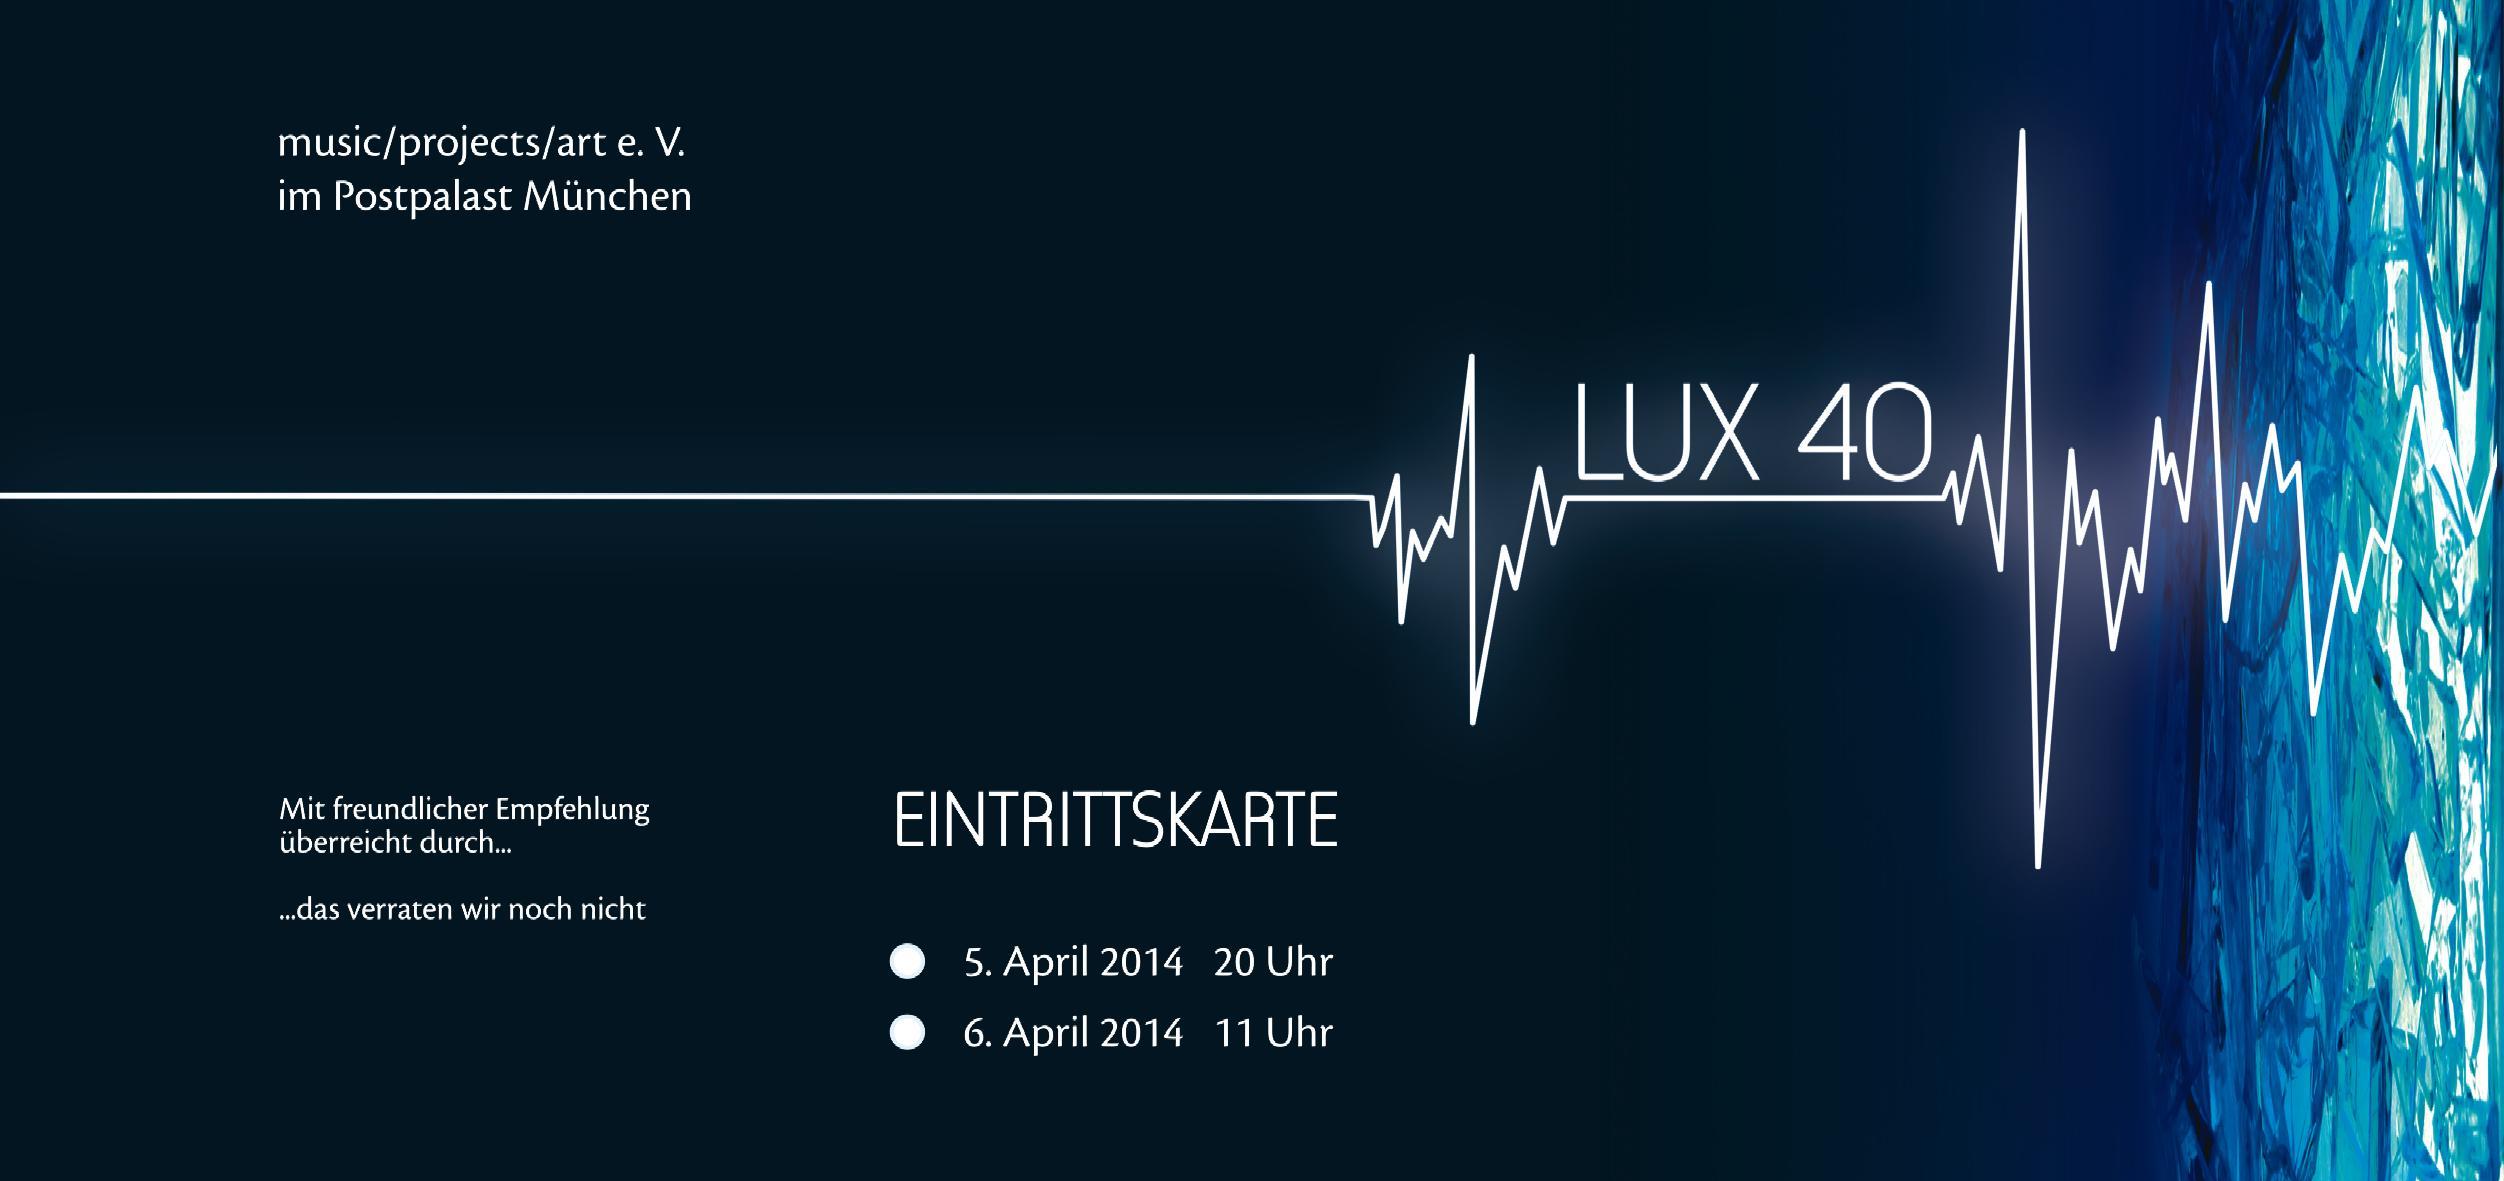 LUX 40 EintrittskarteKat0